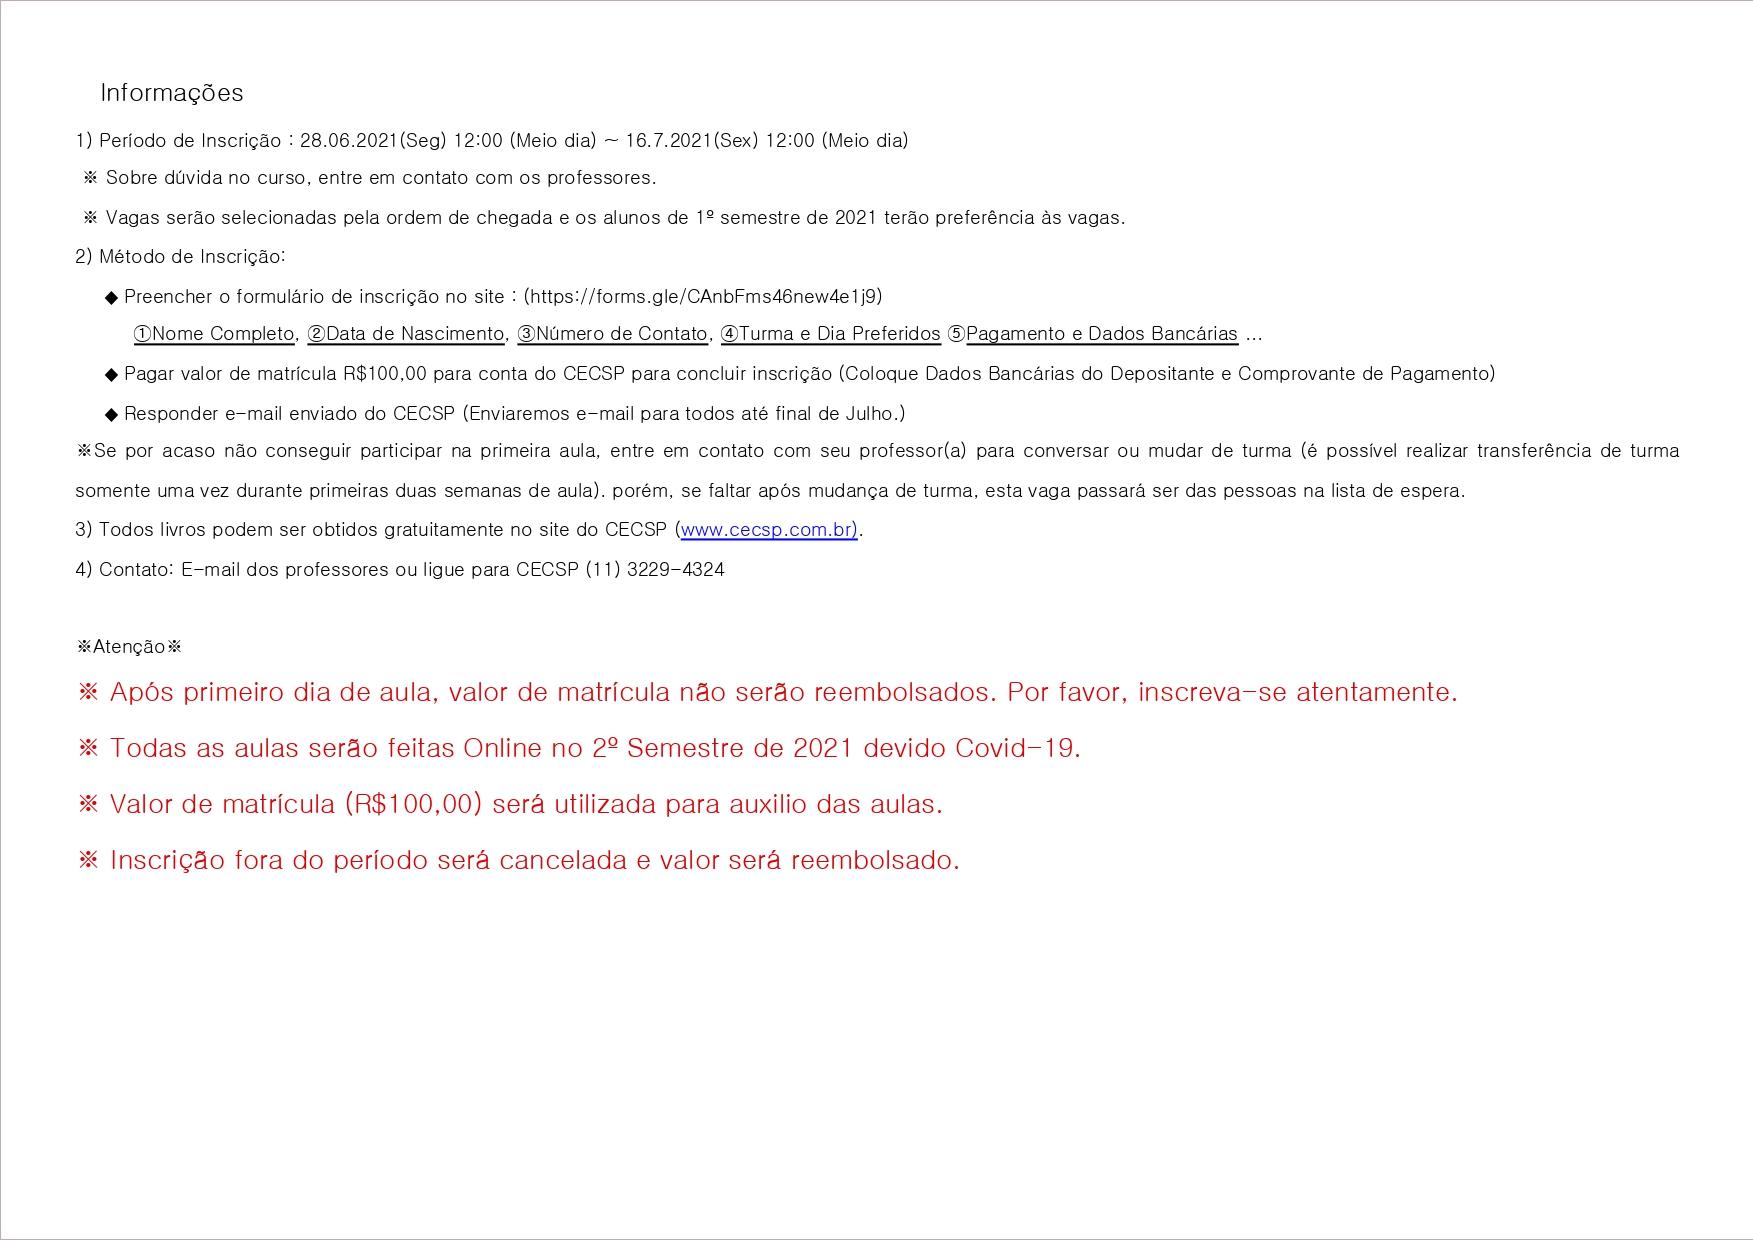 210625 Divulgação de Incrição das Aulas Coreanas em 2º Semestre de 2021_page-0003.jpg